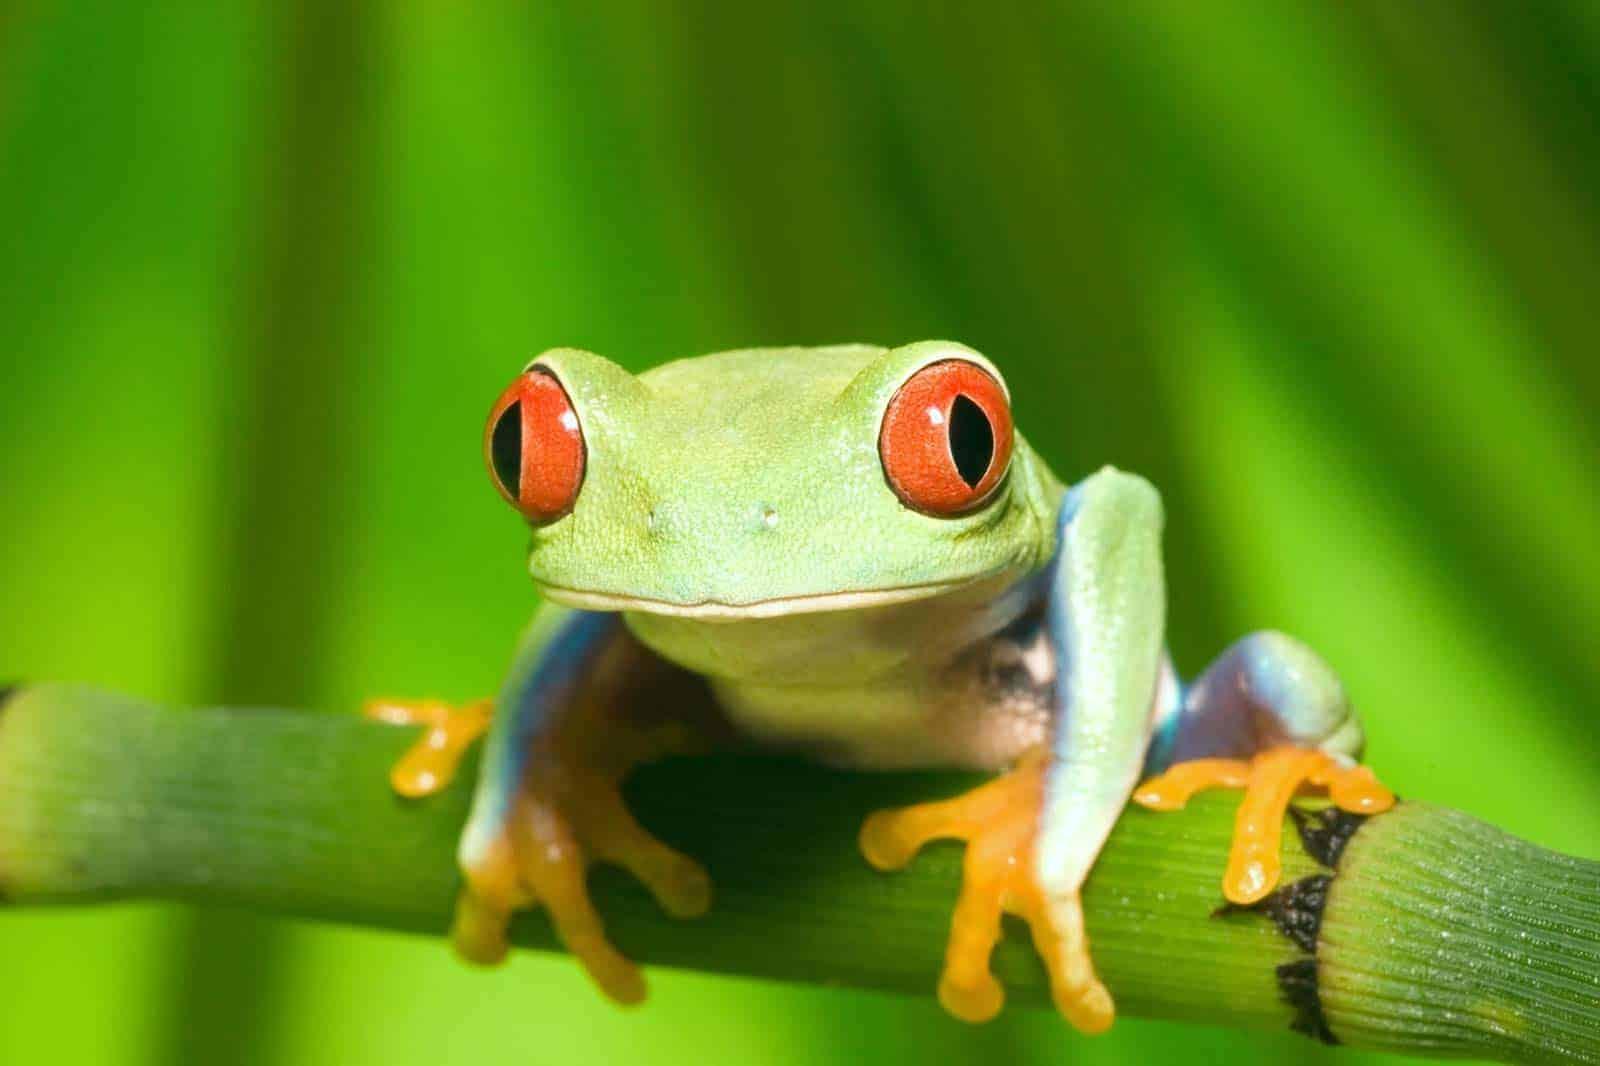 Rã de olhos vermelhos, Costa Rica